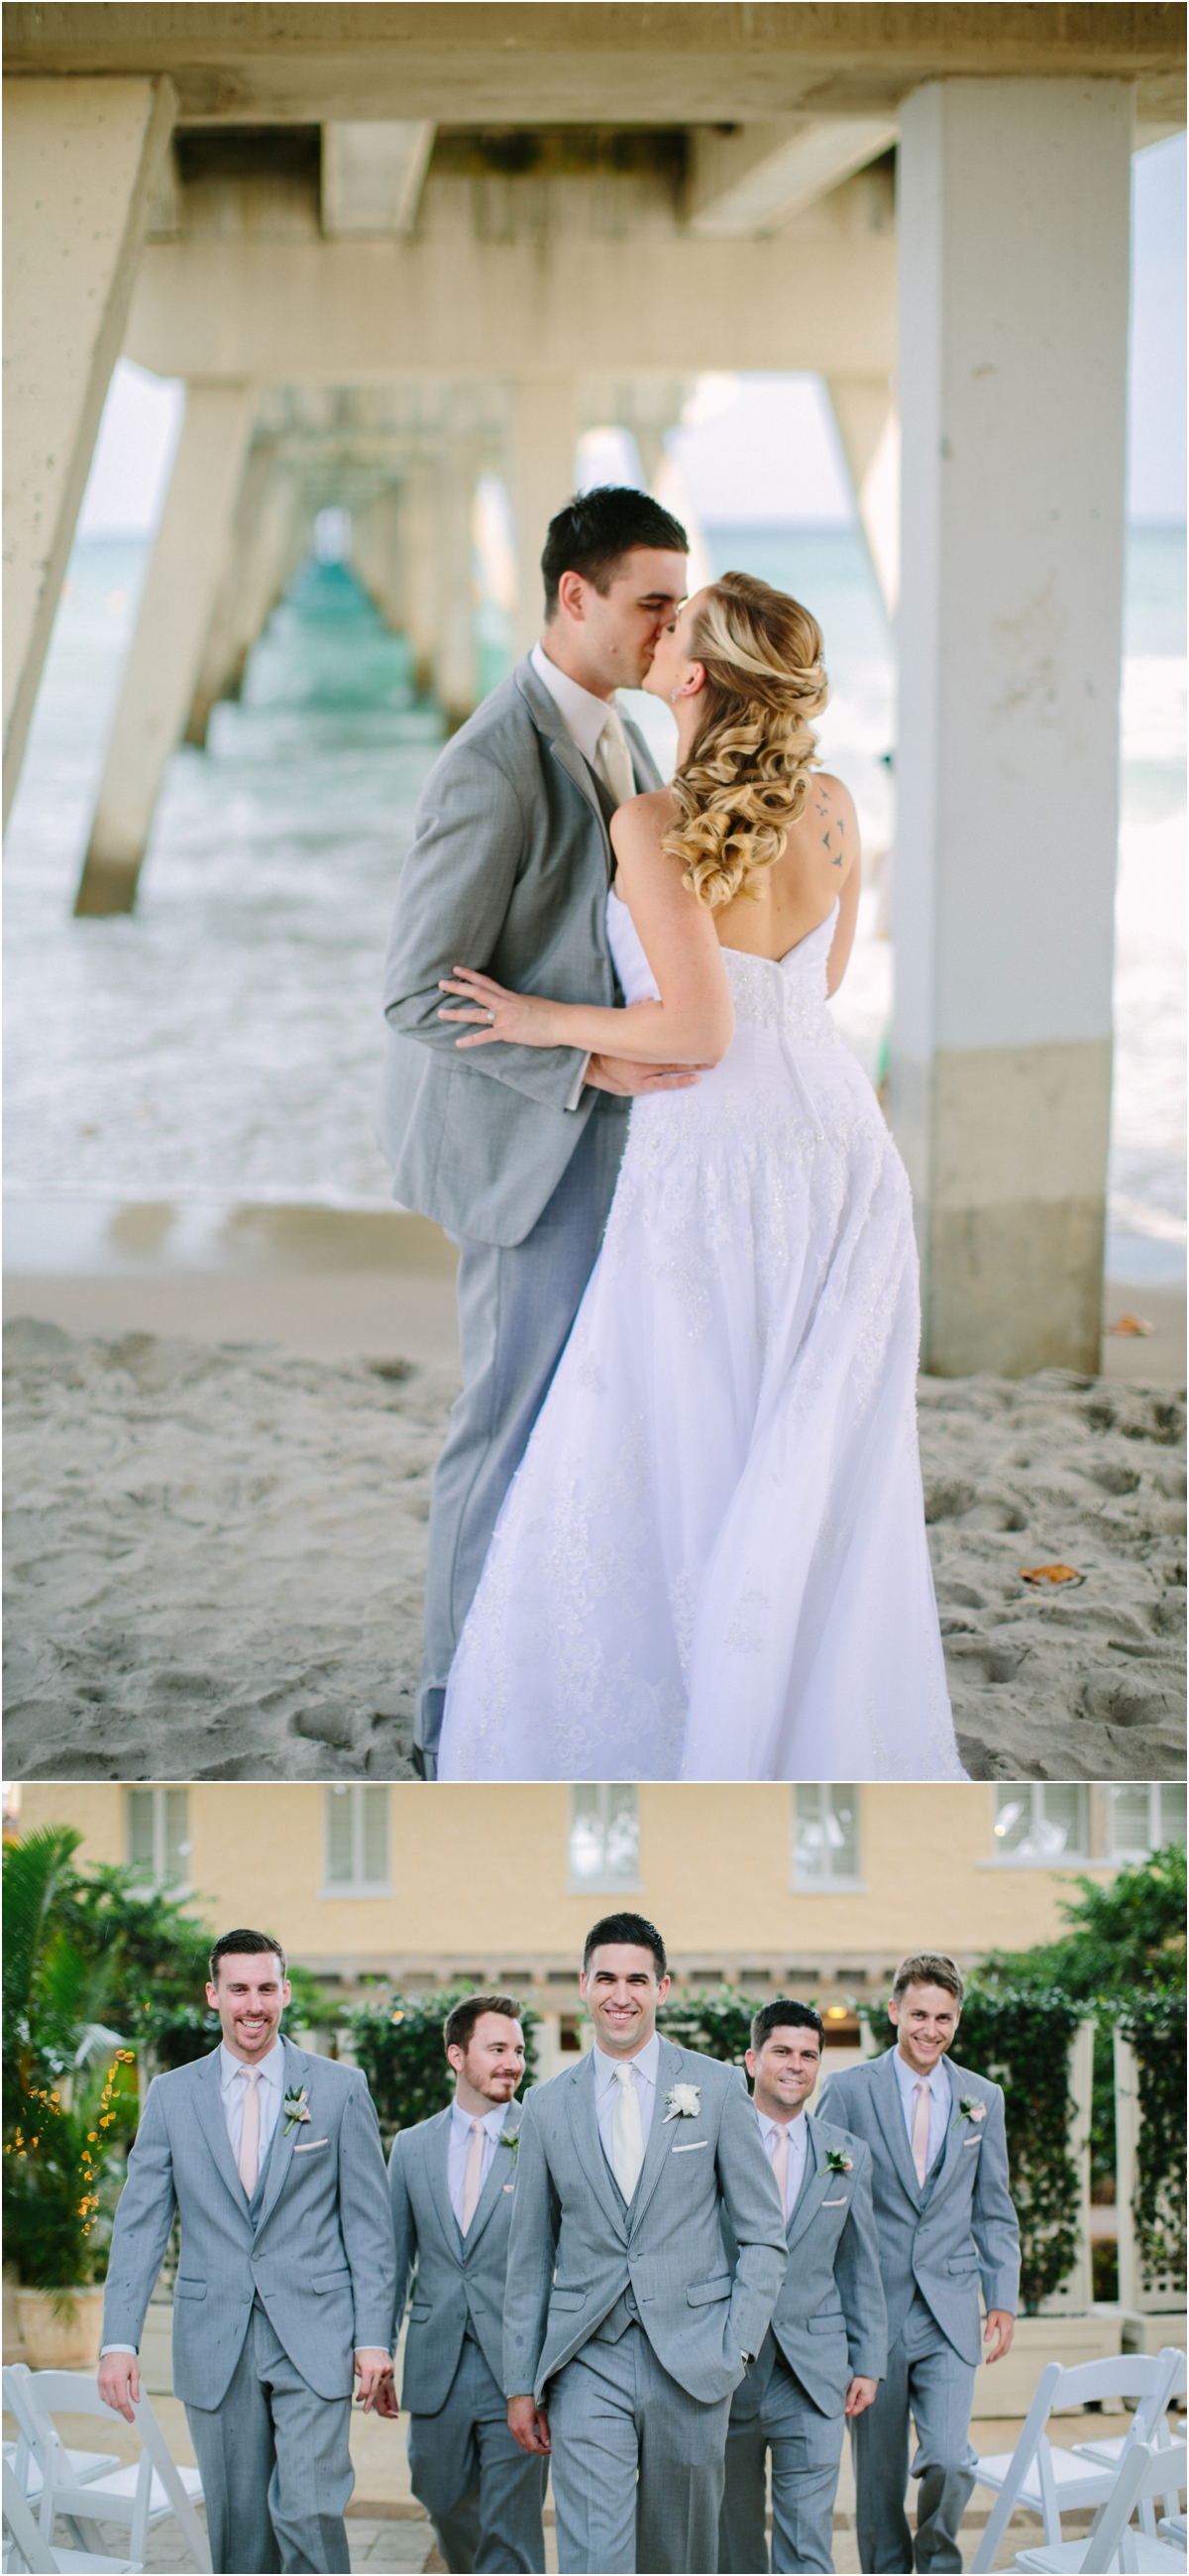 Boca-Raton-South-Florida-Wedding-photography_0007